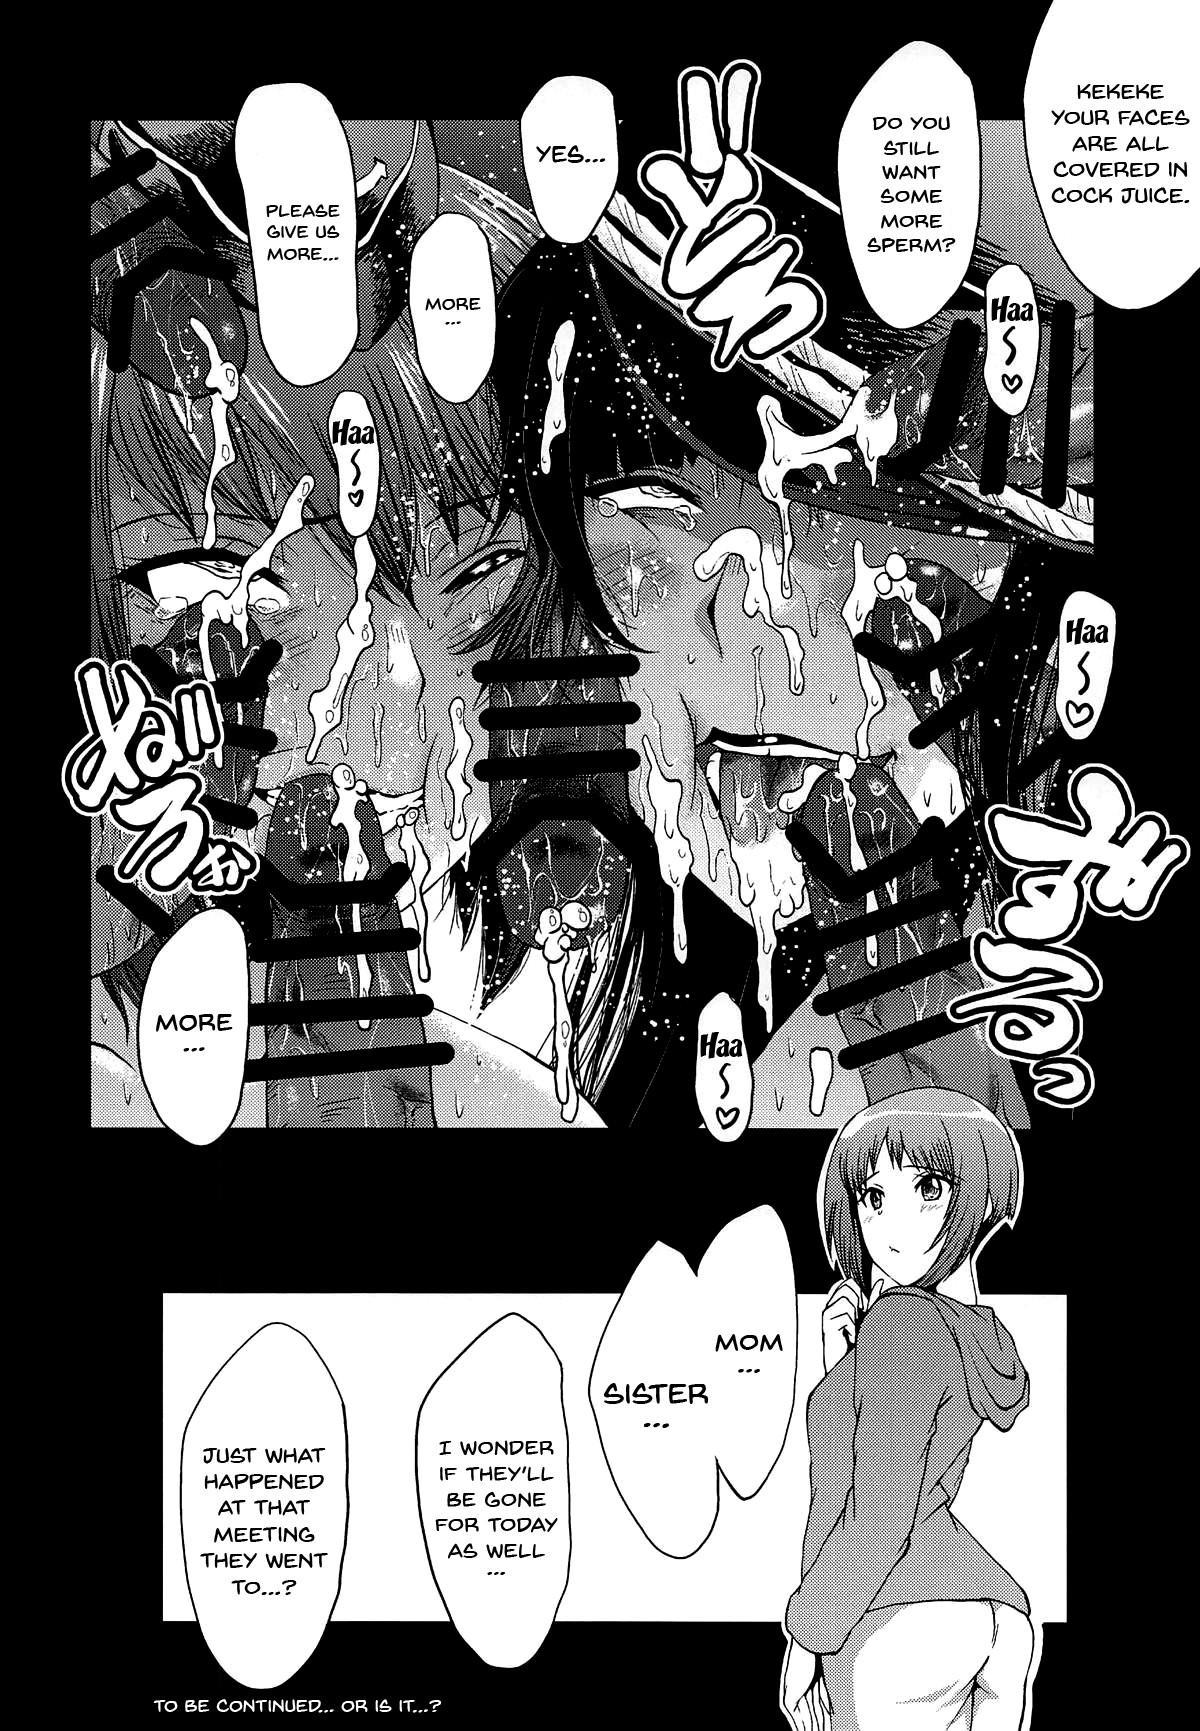 Urabambi Vol. 57 Taihai no Koutetsu Fujin | Urabambi Vol. 57 - Corruption Of The Steel Woman 17